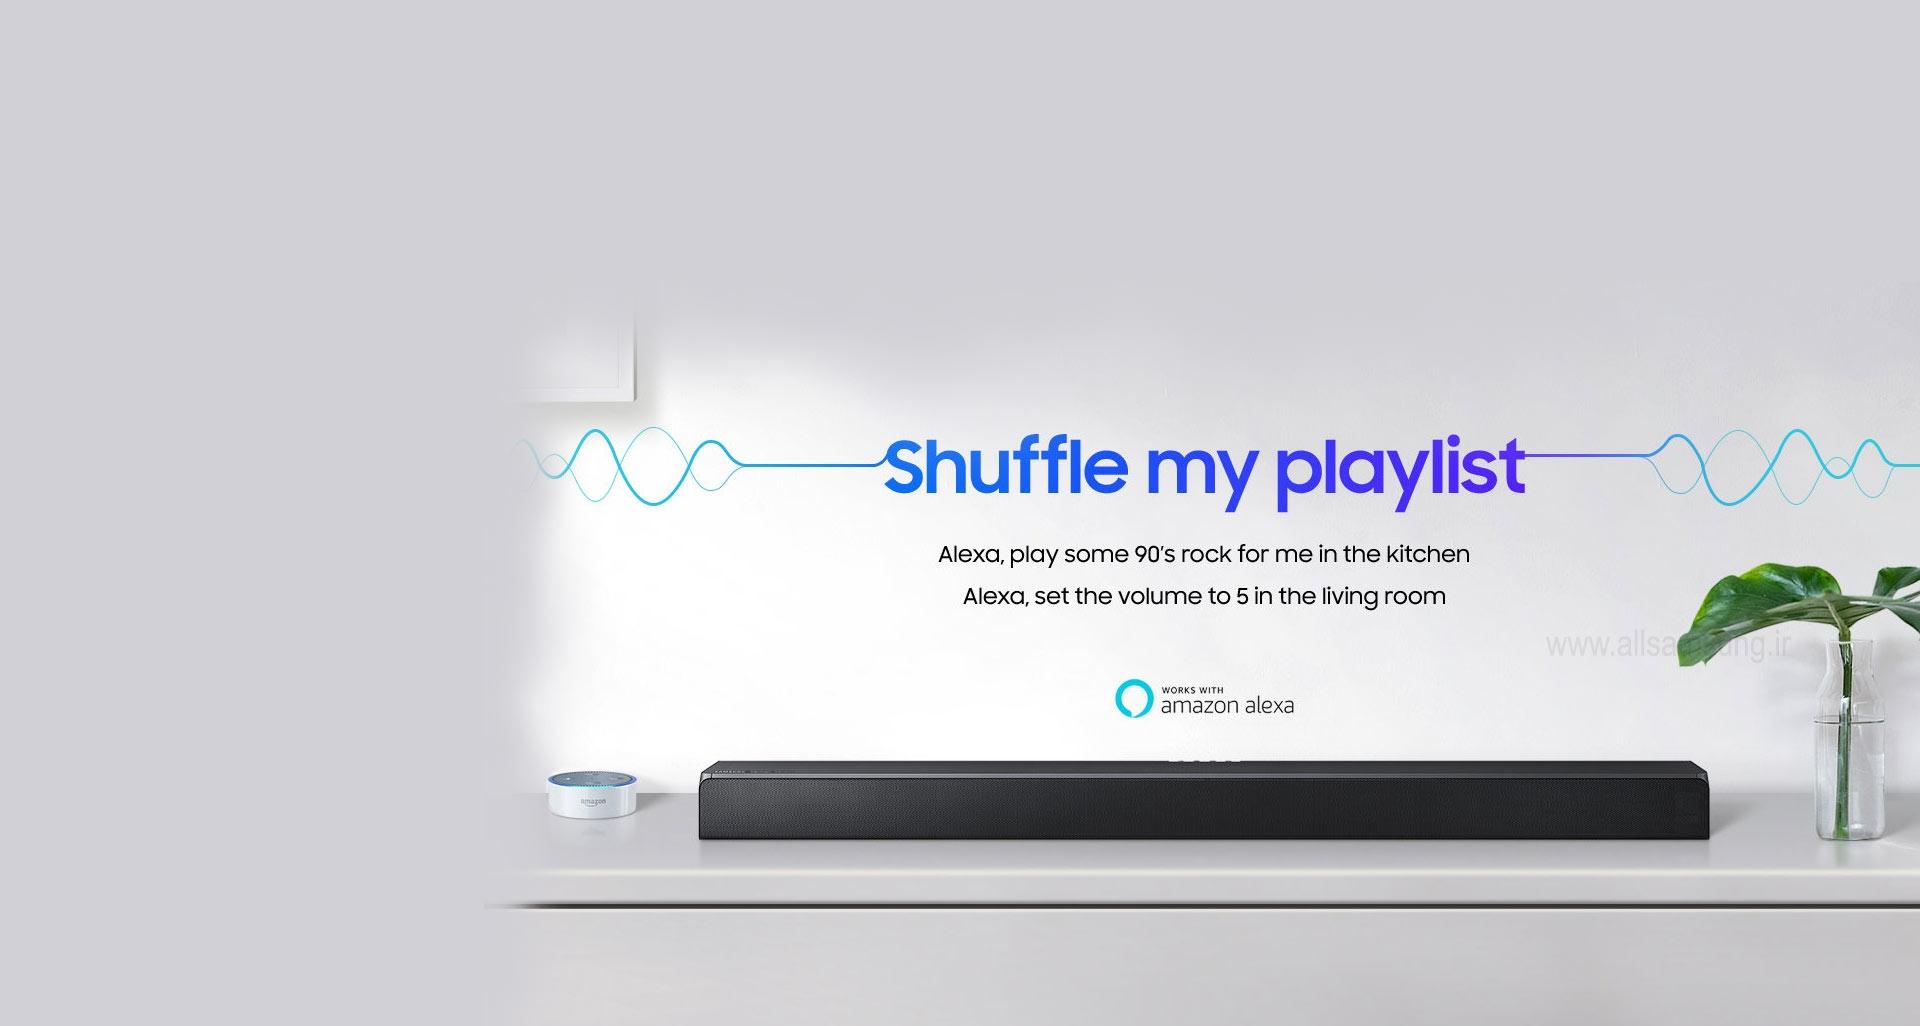 پشتیبانی ساندبار N950 از دستیار صوتی الکسا